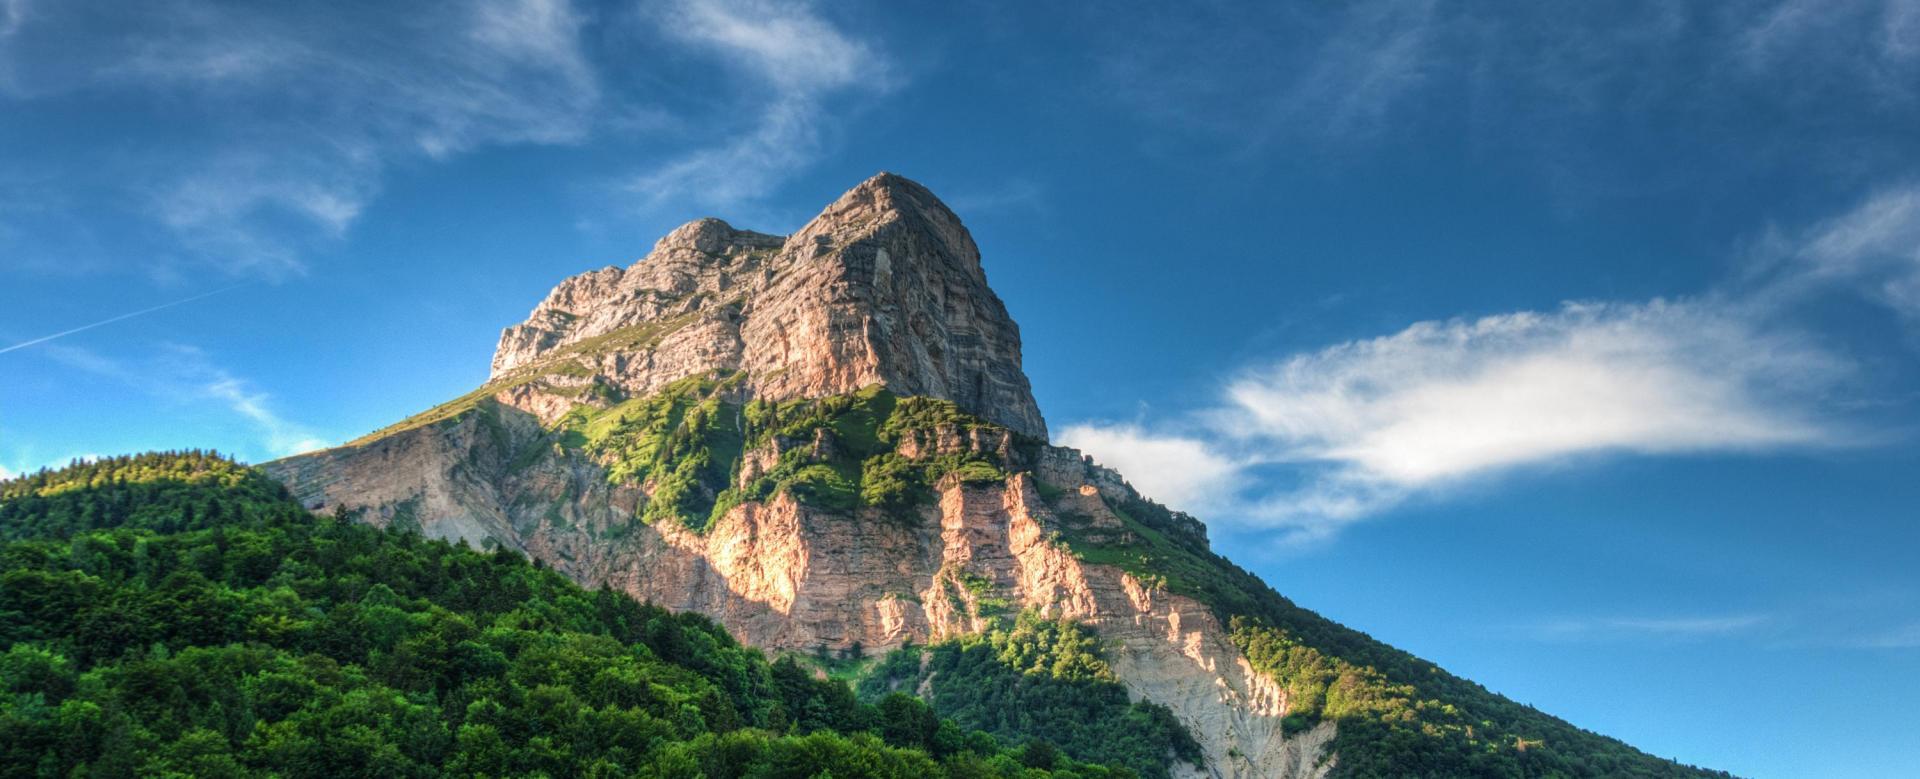 Voyage à pied : Alpes du Nord : Paysages et patrimoine de chartreuse